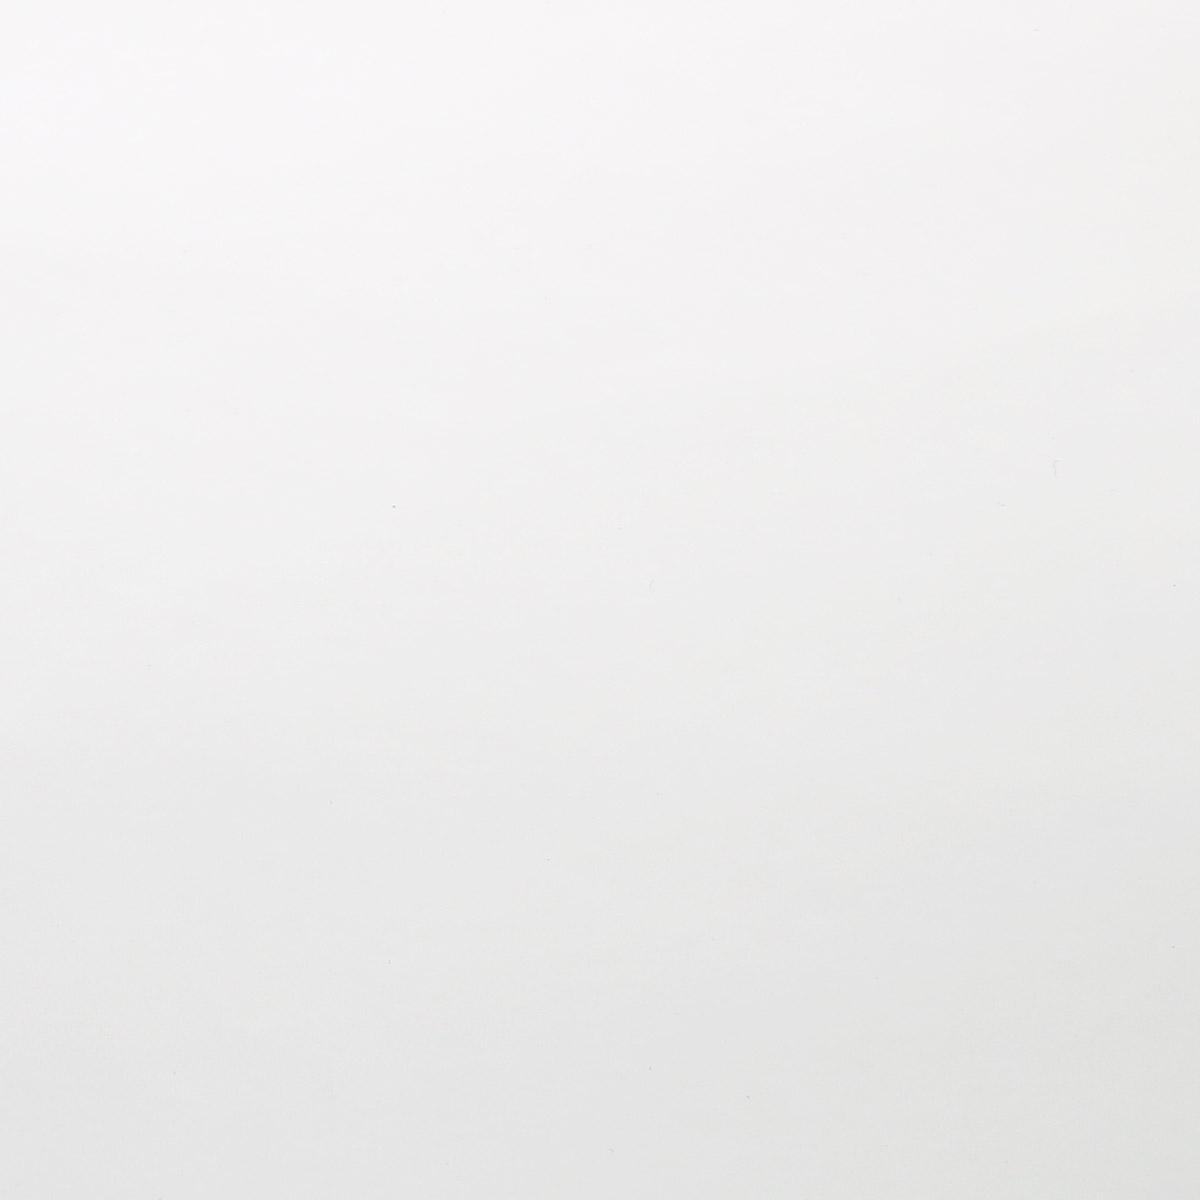 28467 Кожа искусственная лакиров., 20*30см, толщ.1мм, уп/2шт,